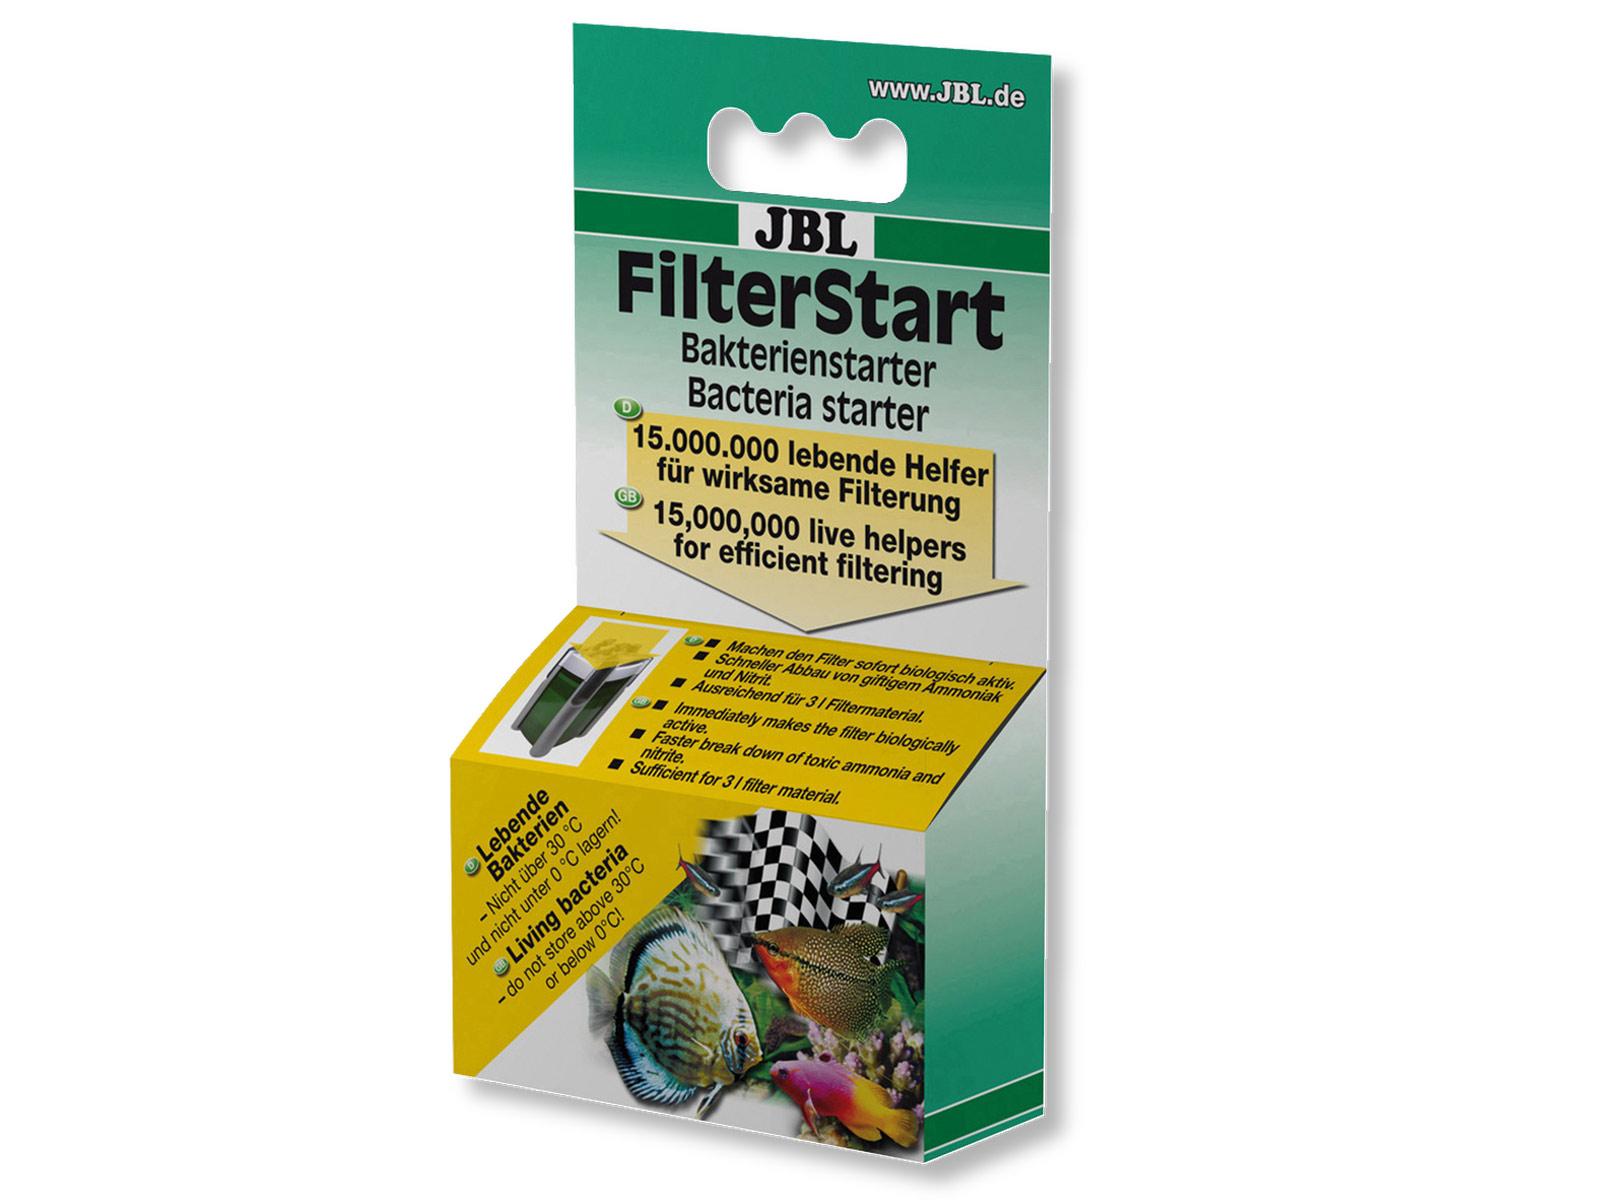 JBL FilterStart - BIOSTARTER DO FILTRA - BAKTERIE